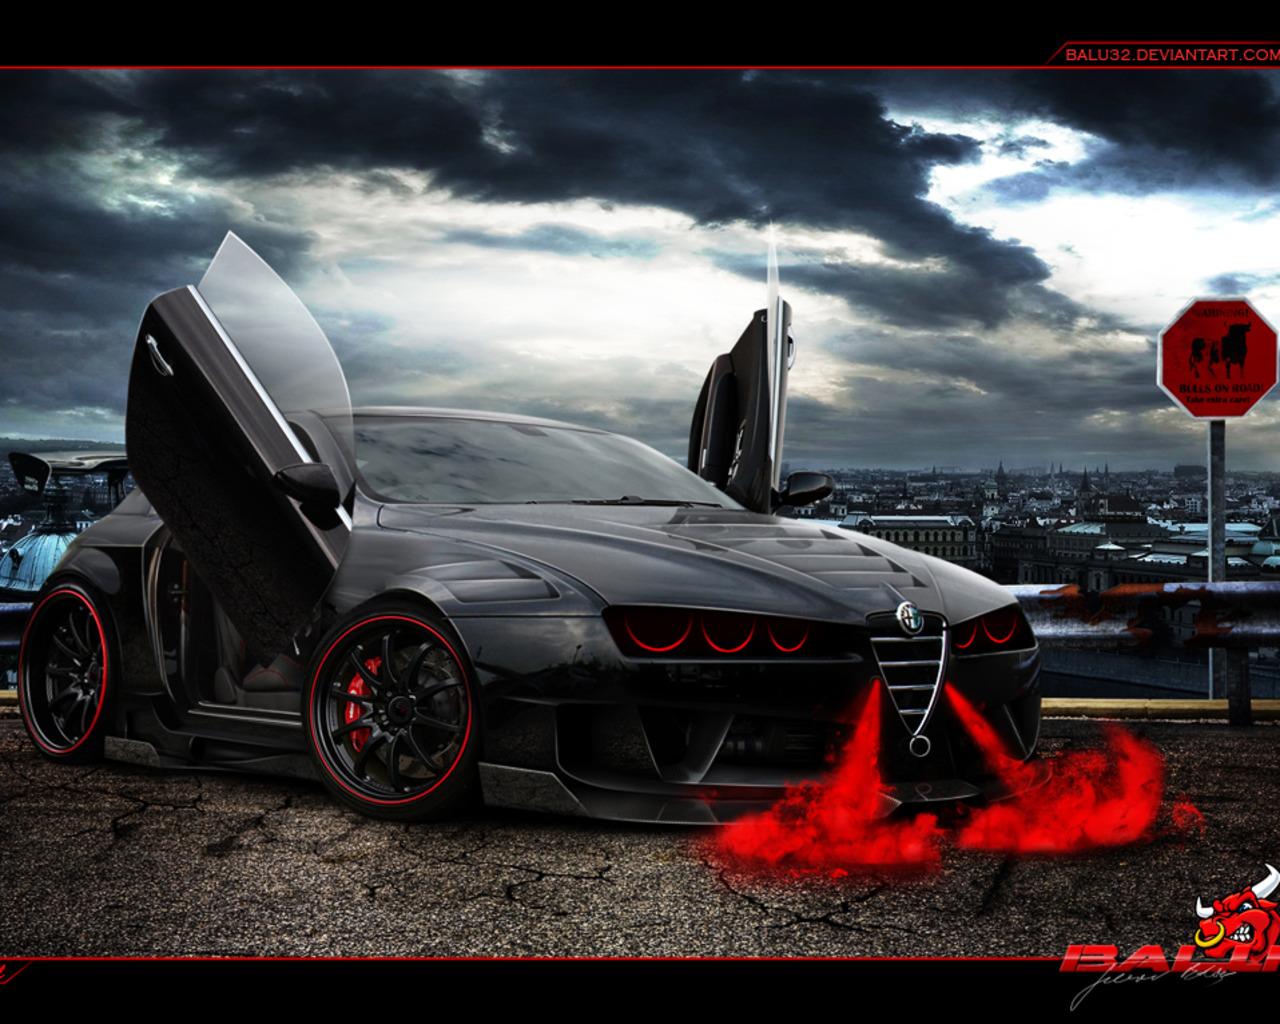 http://2.bp.blogspot.com/-5-wfXQo-Os8/T9DOezoNnCI/AAAAAAAAAIo/skzpMbLOp9o/s1600/Alfa+Romeo-wallpaper.jpg